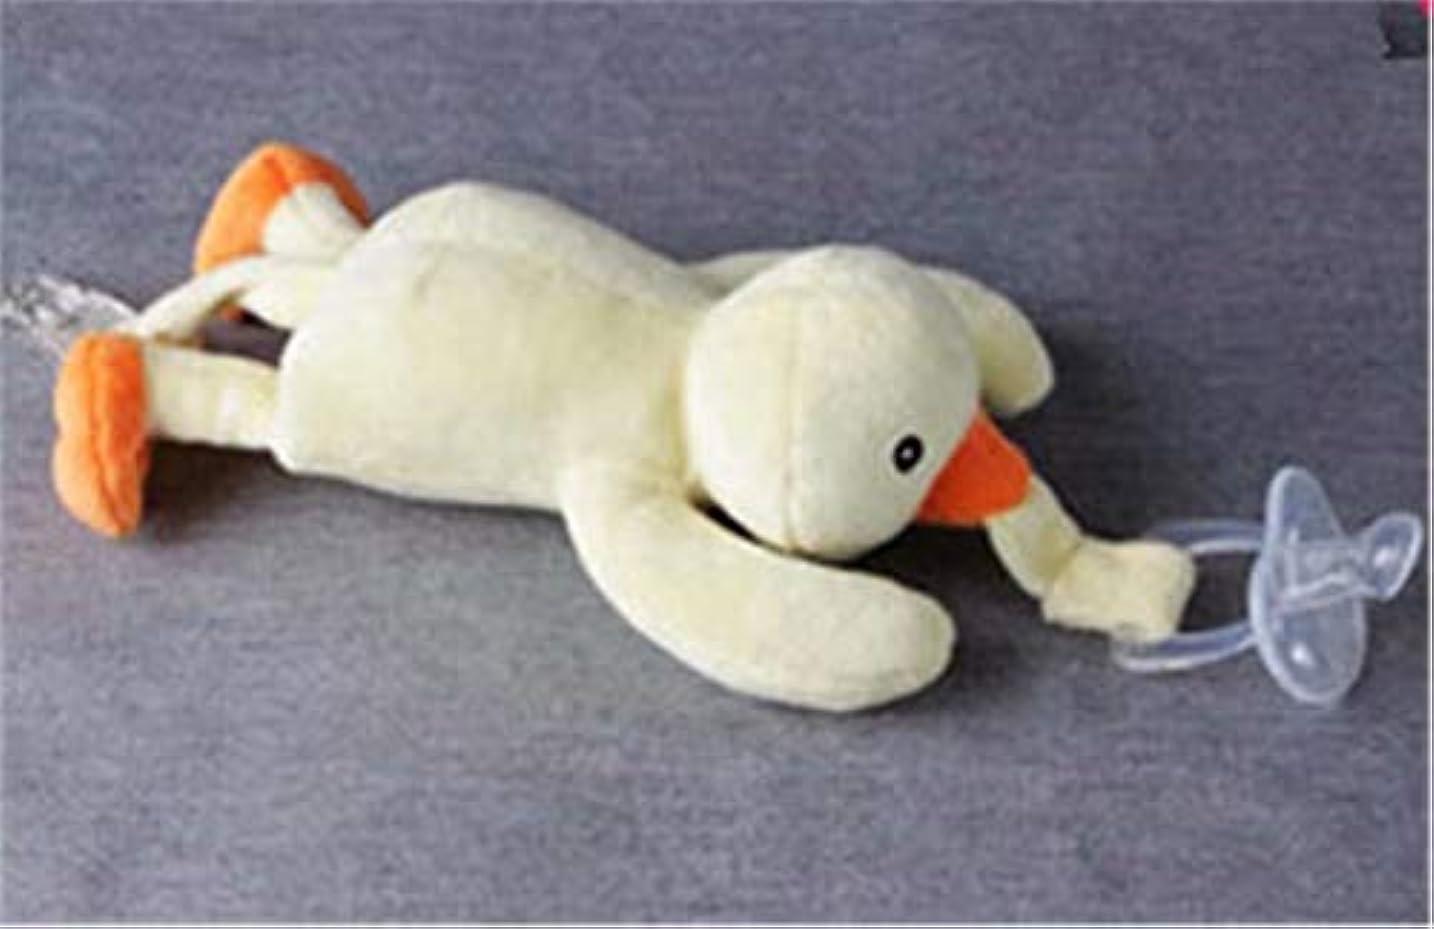 遺伝子中庭逮捕七里の香 ベビー 動物のぬいぐるみ おしゃぶりホルダー 取り外し可能な おもちゃ (おしゃぶりは含まれません)